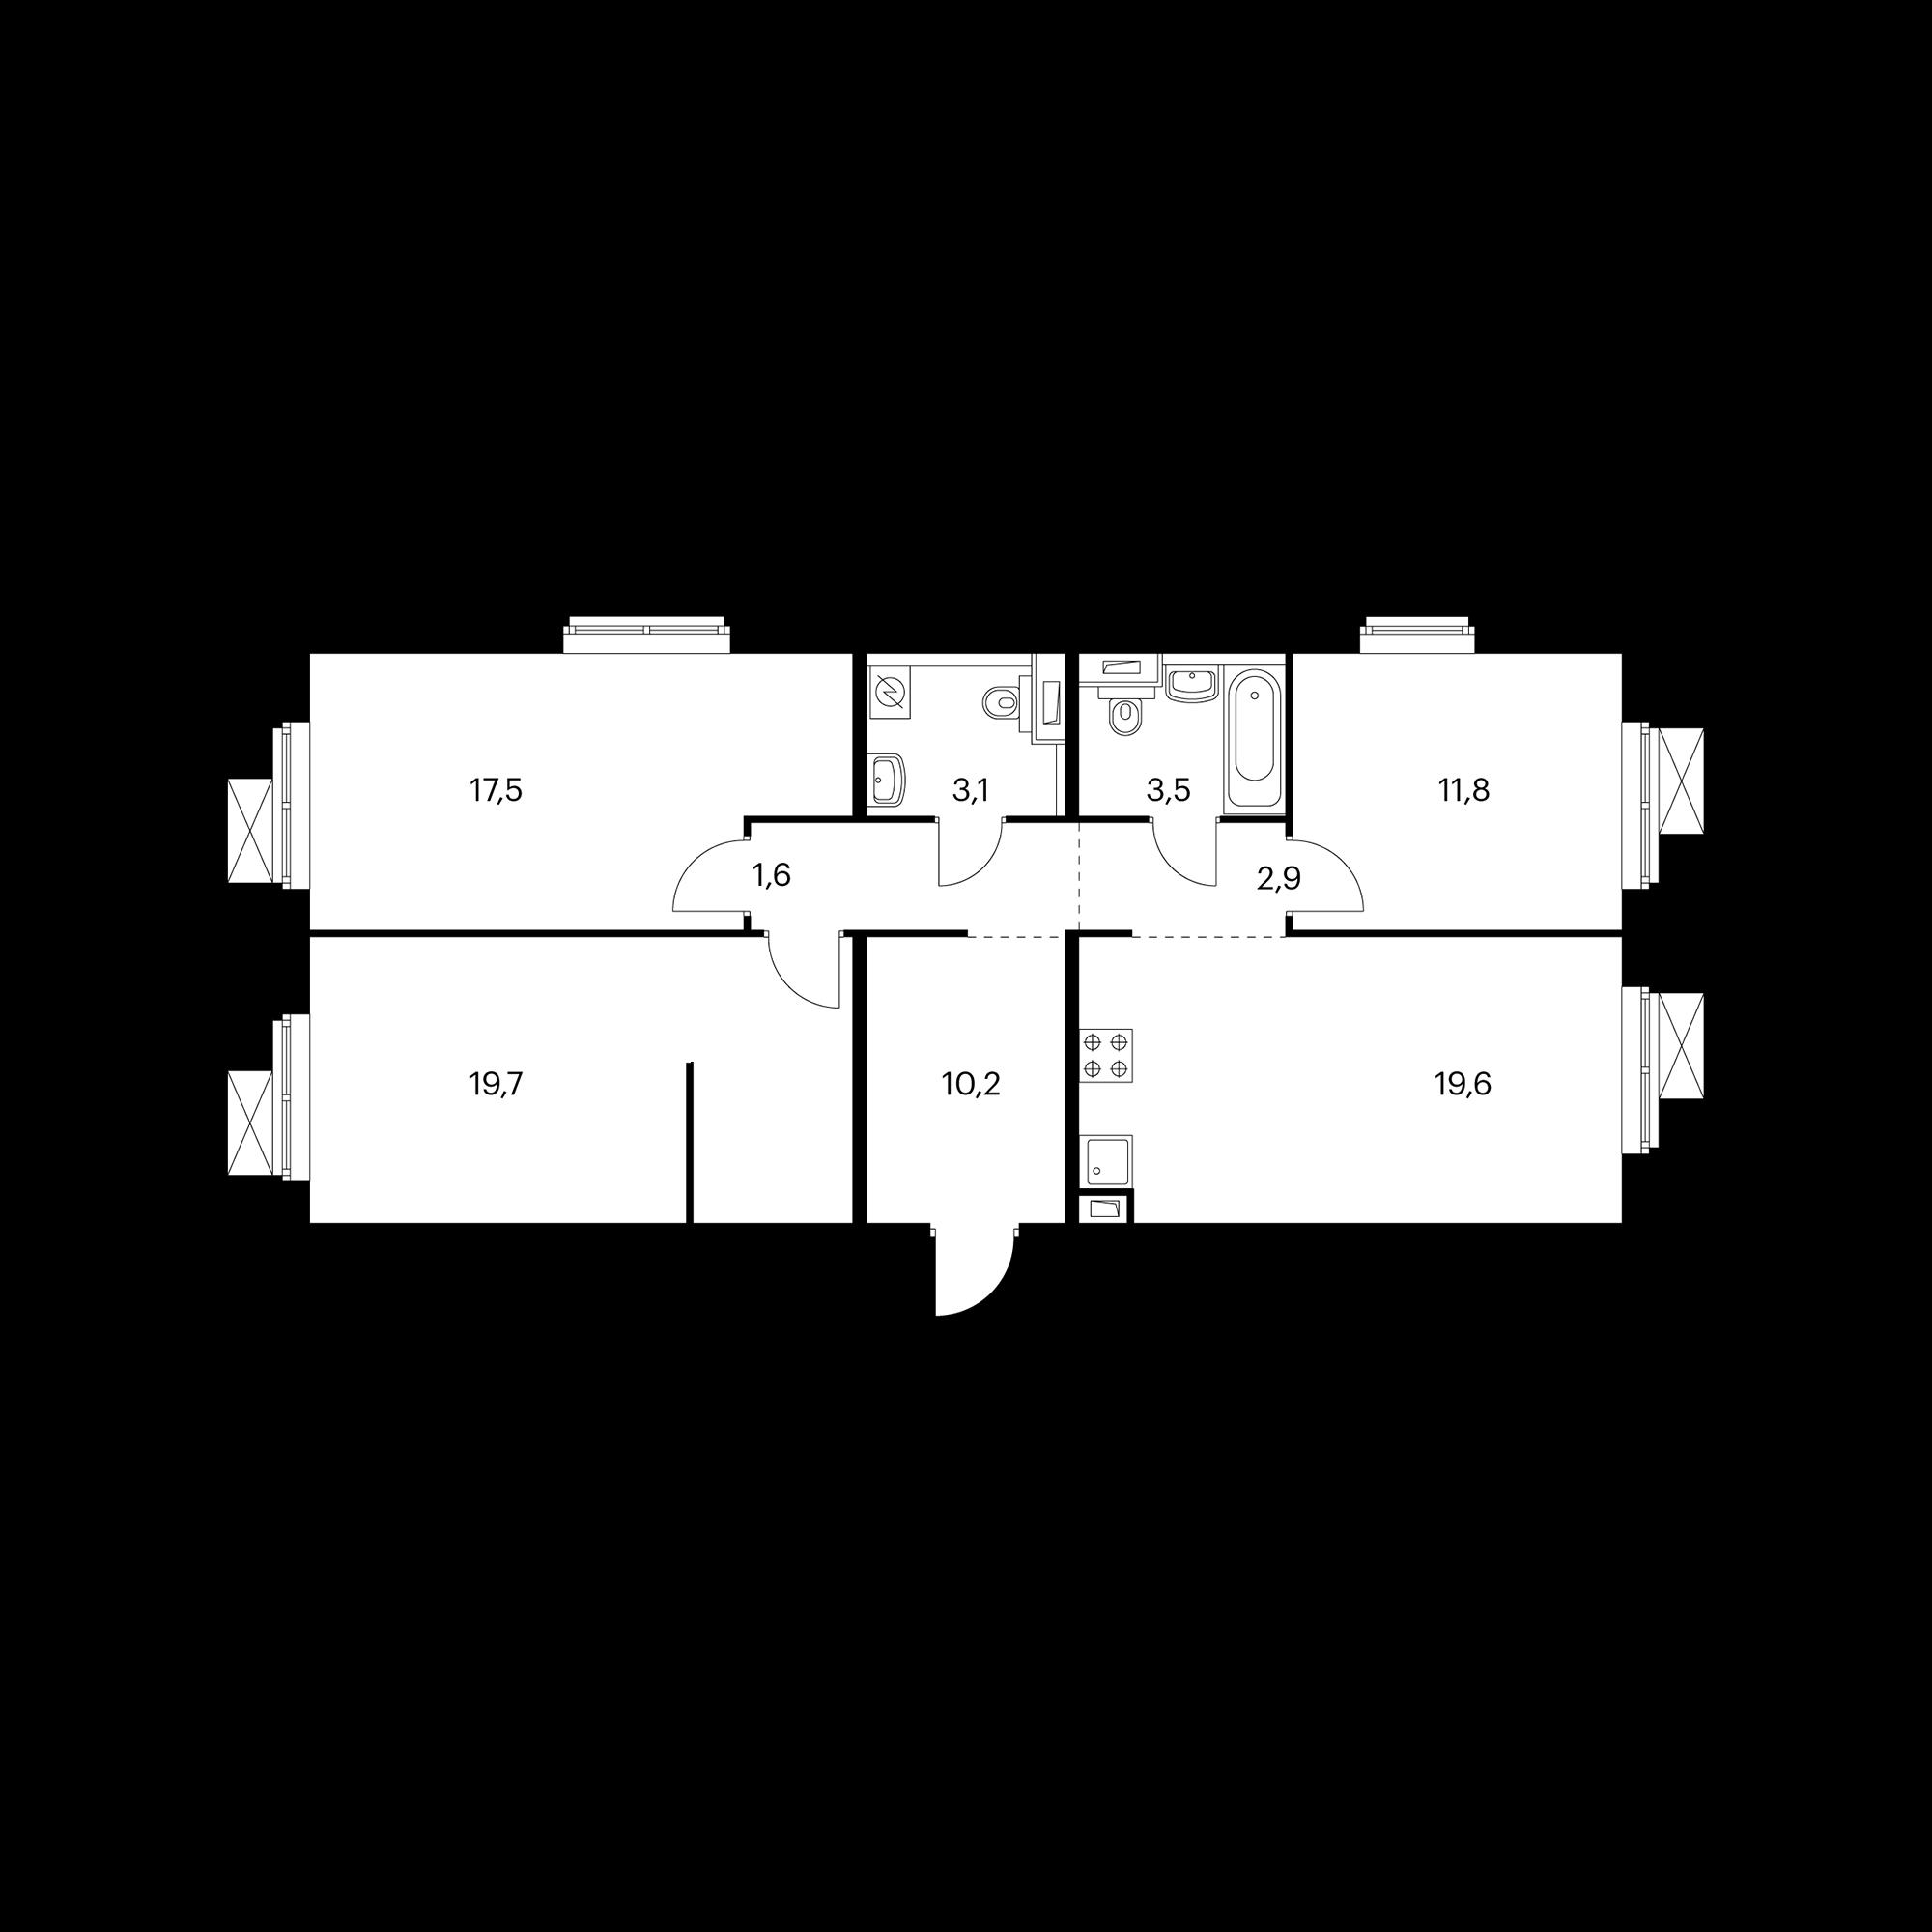 3EL11_6.6-1_S_A2